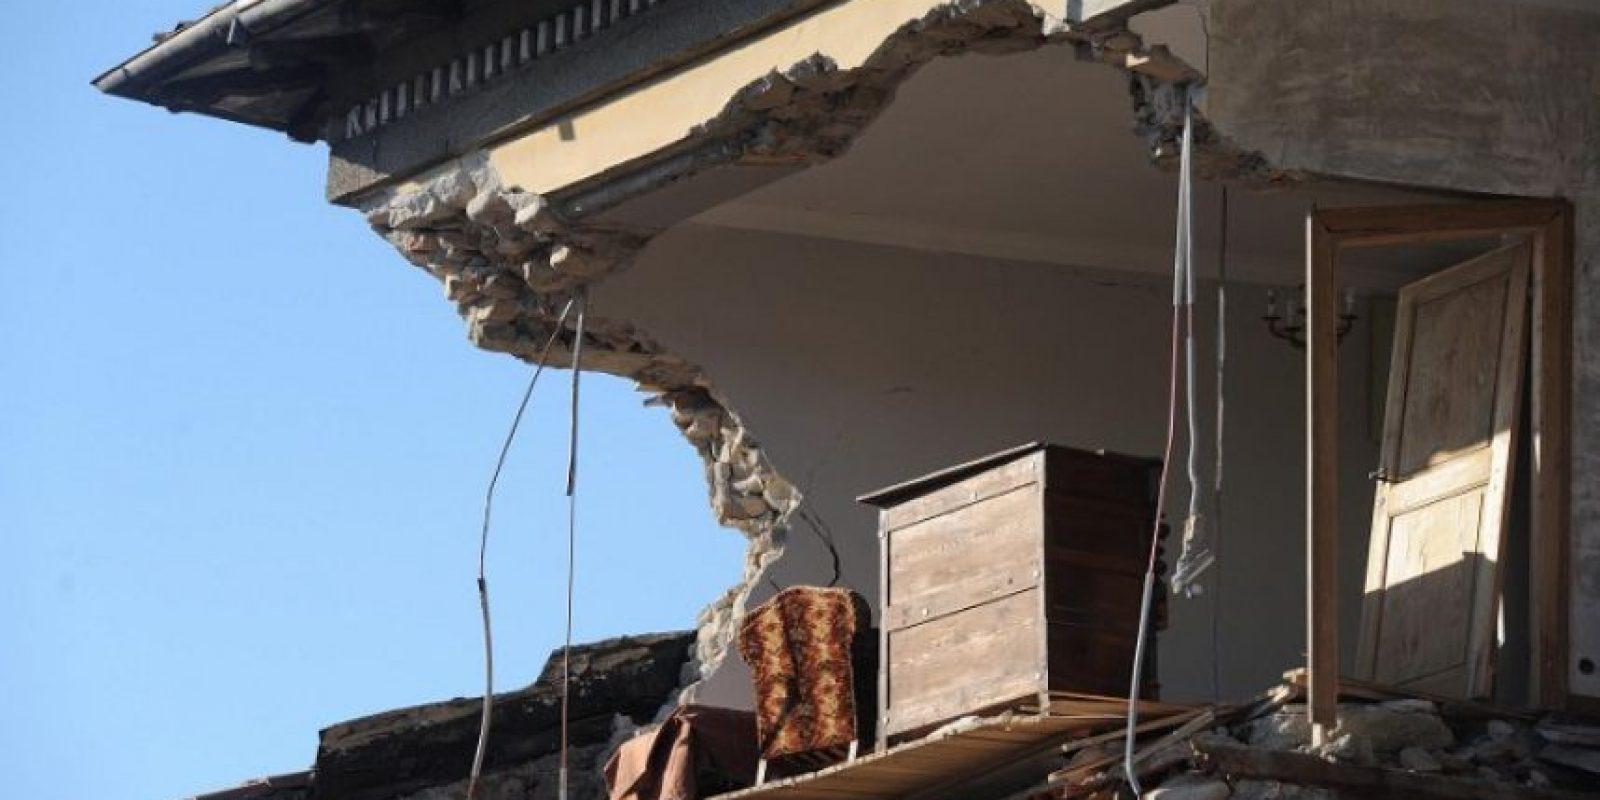 Italia, el segundo día bajo los escombros Foto:AFP